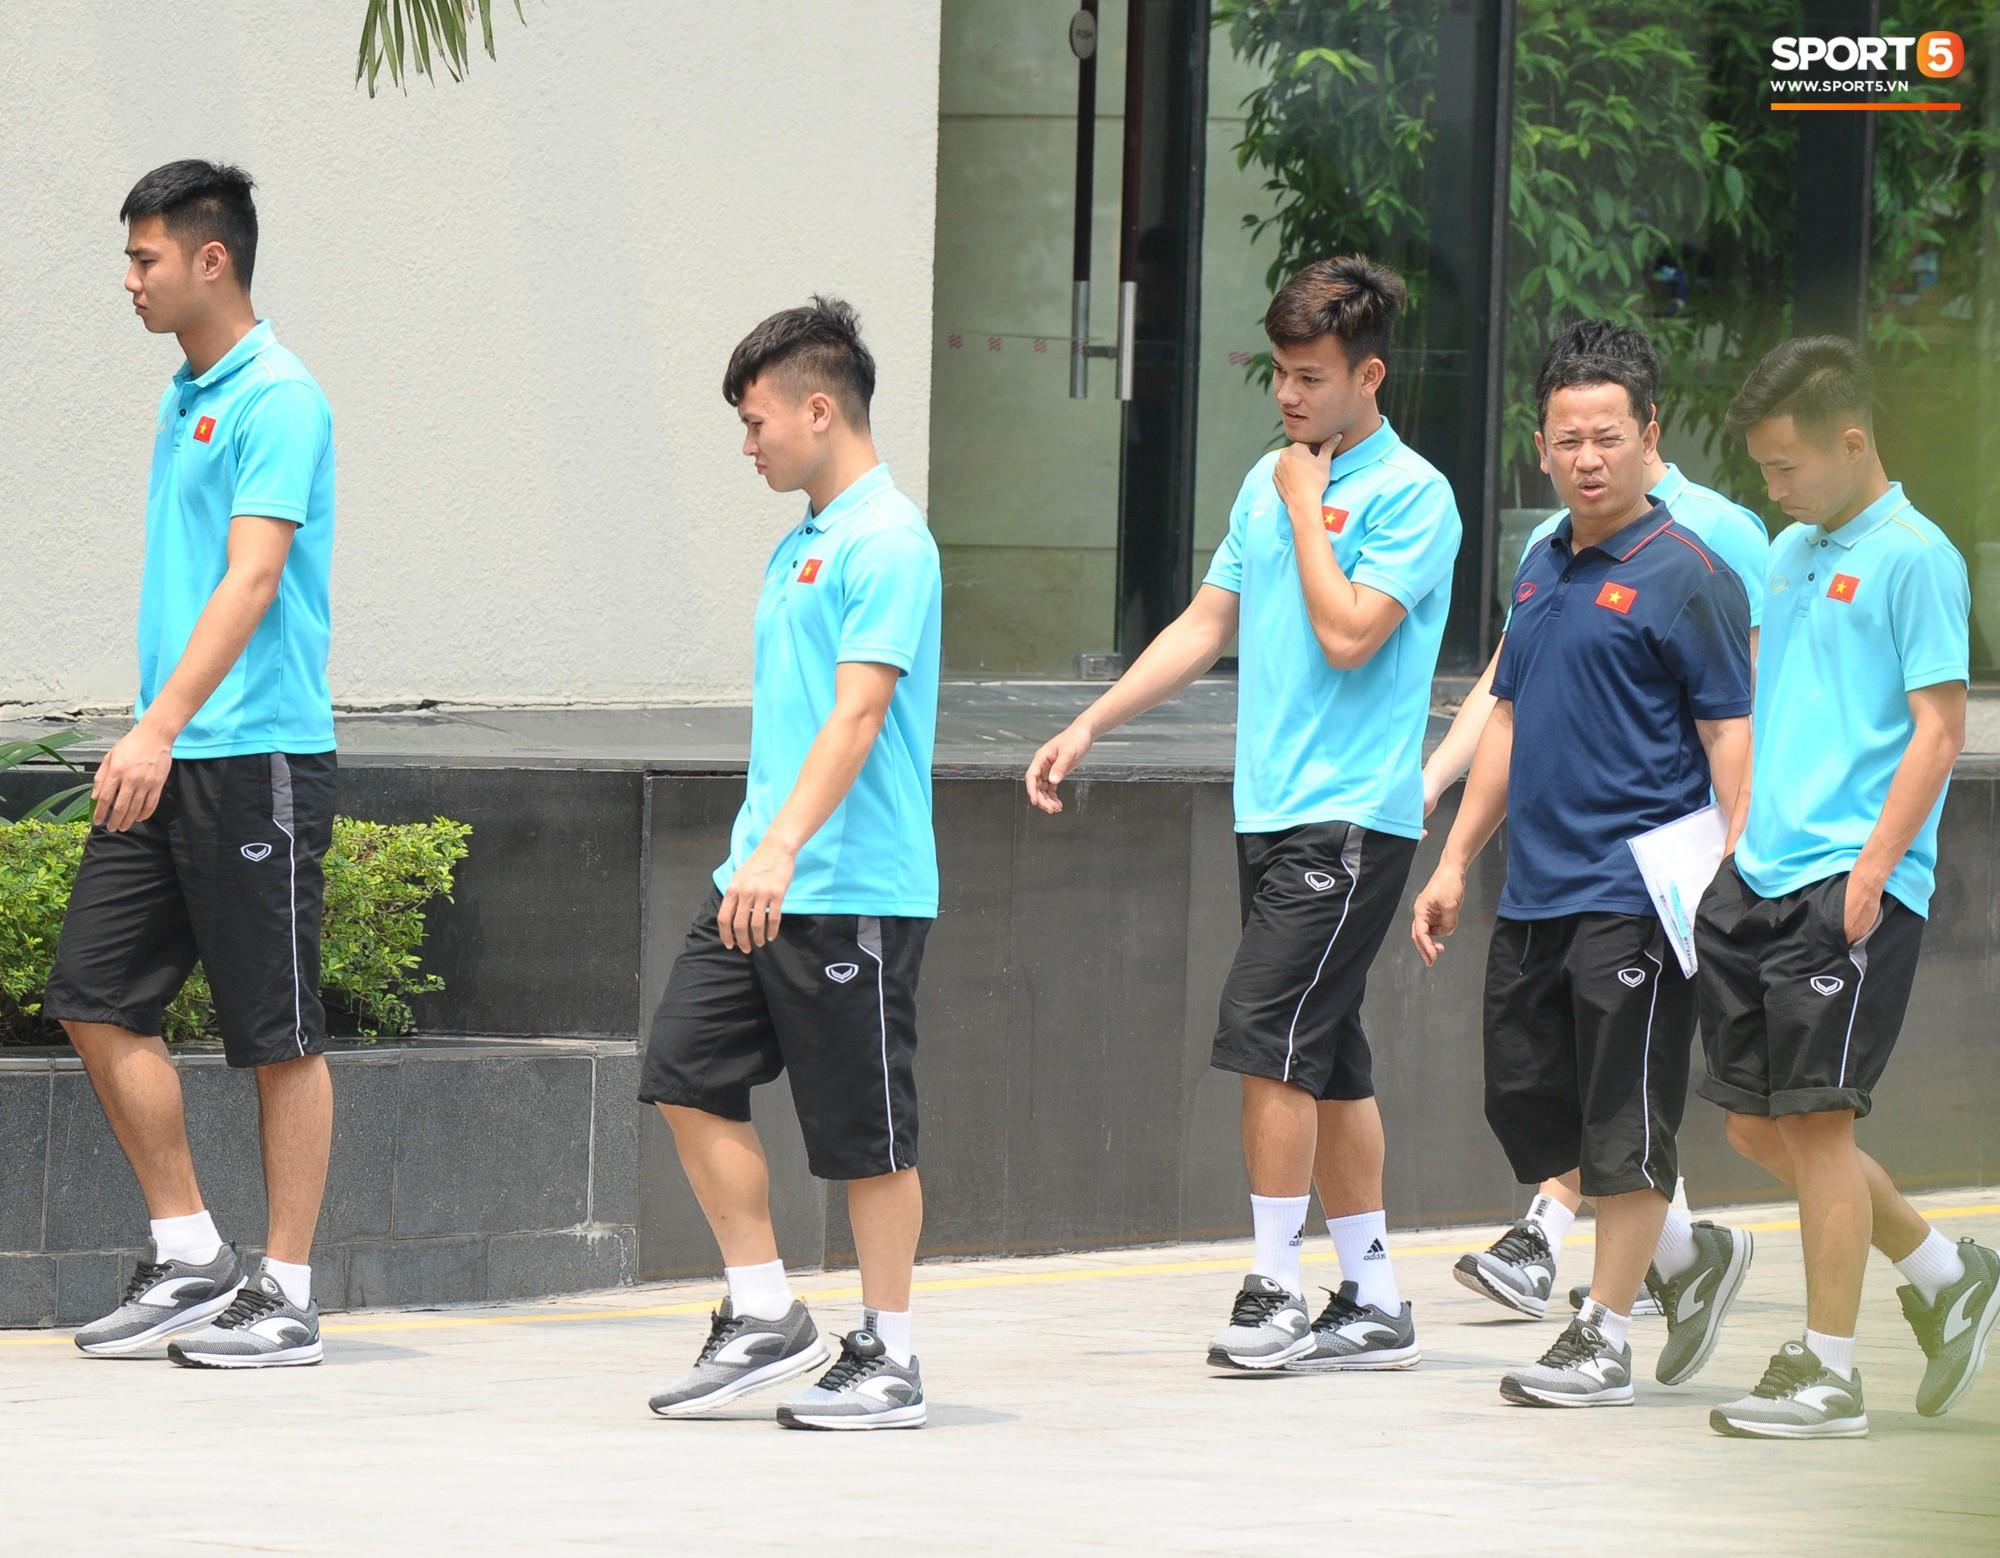 Quang Hải, Đình Trọng nhăn nhó khi đi bộ thể dục lúc 12h trưa-4